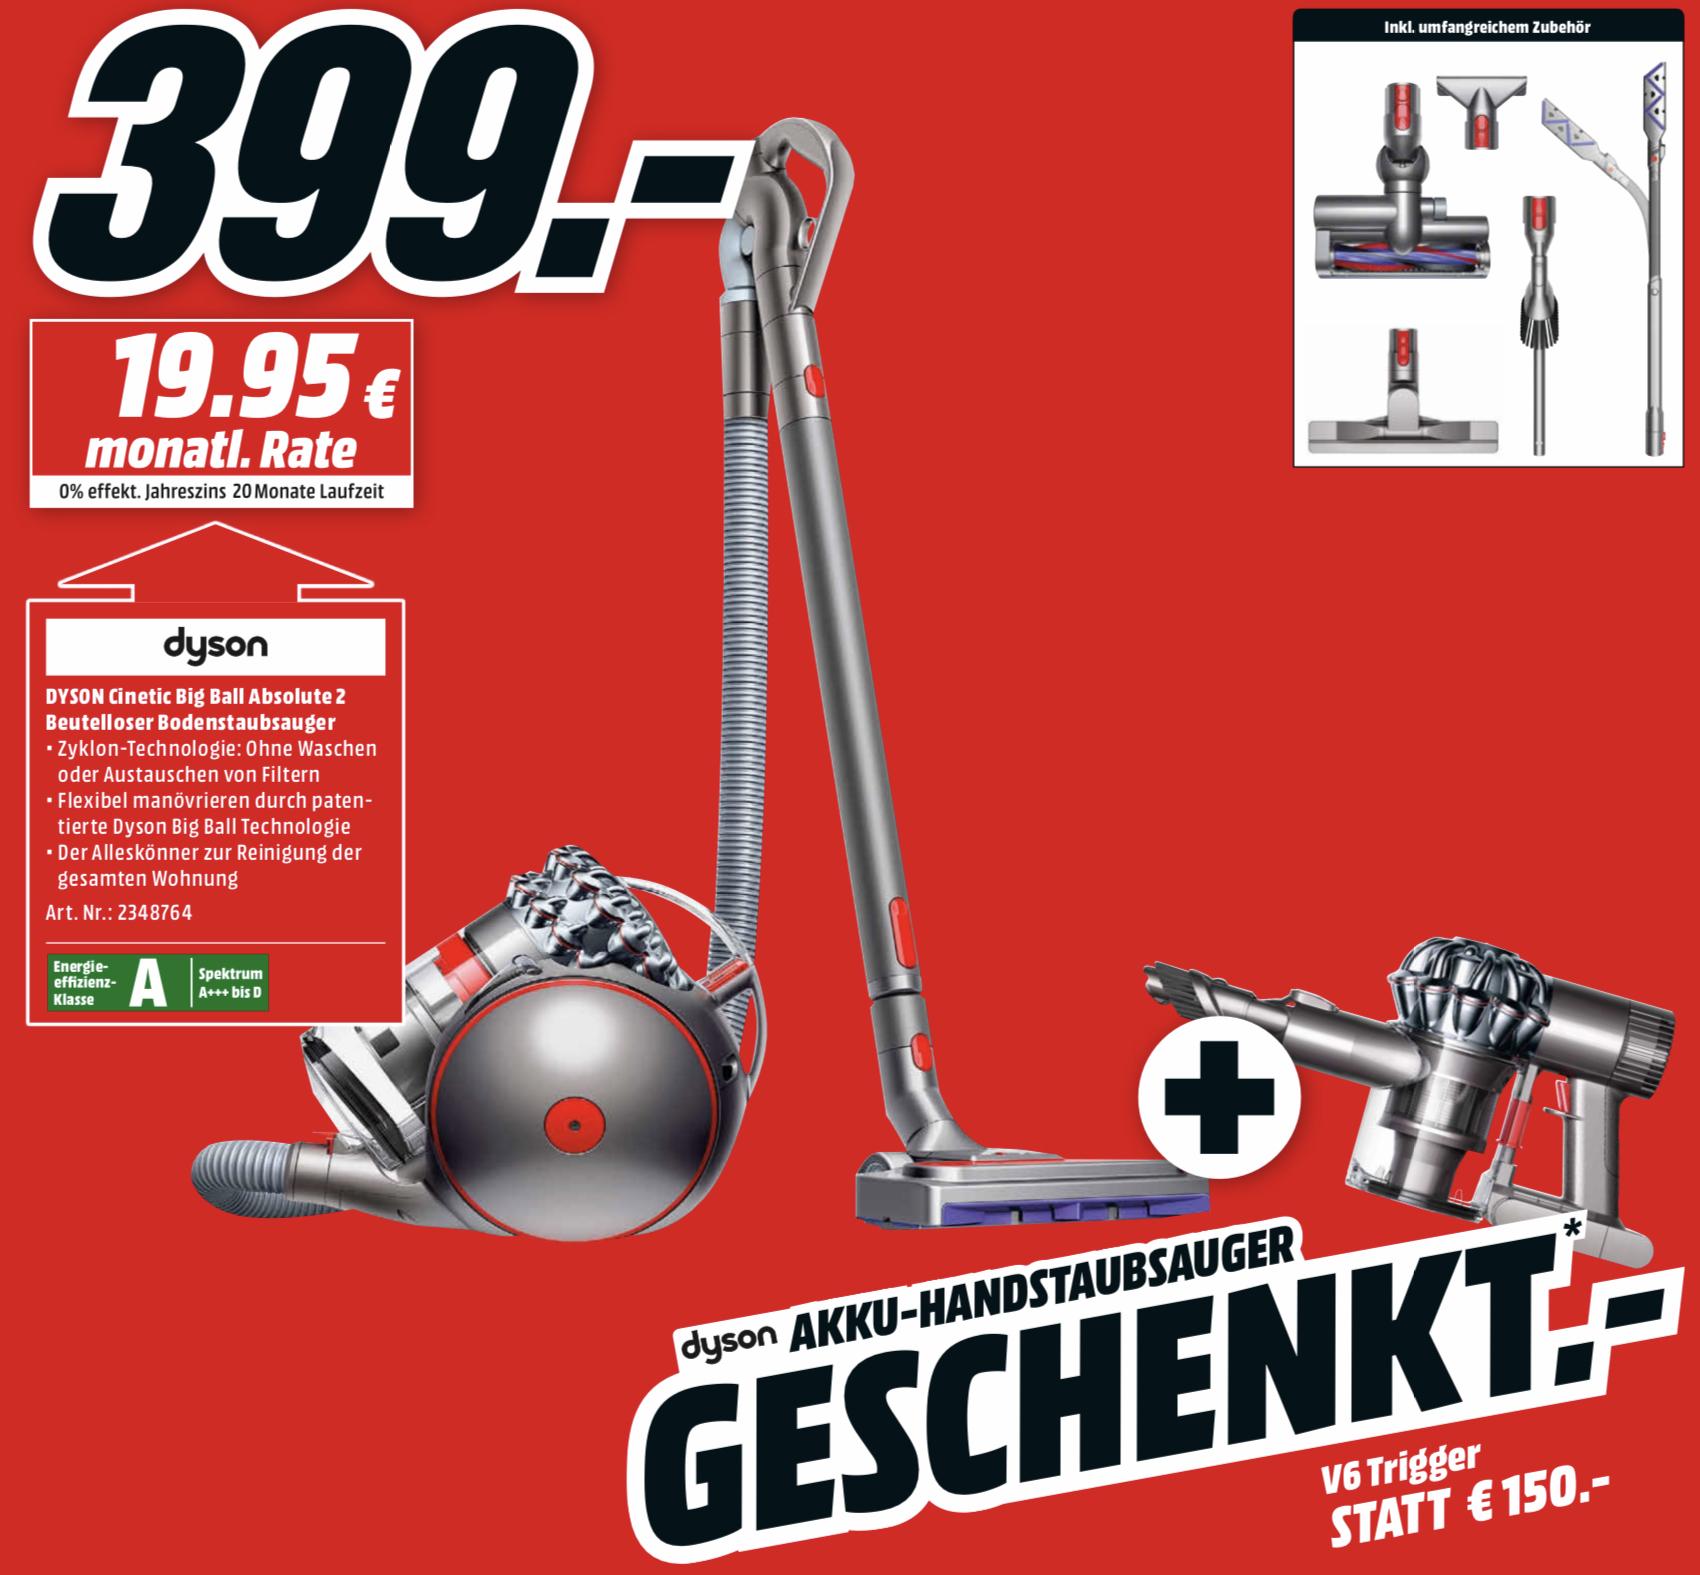 Dyson Cinetic Big Ball Absolute 2 + Dyson V6 Trigger geschenkt für 399€ + 10-fach Payback [MediaMarkt] bei Marktabholung